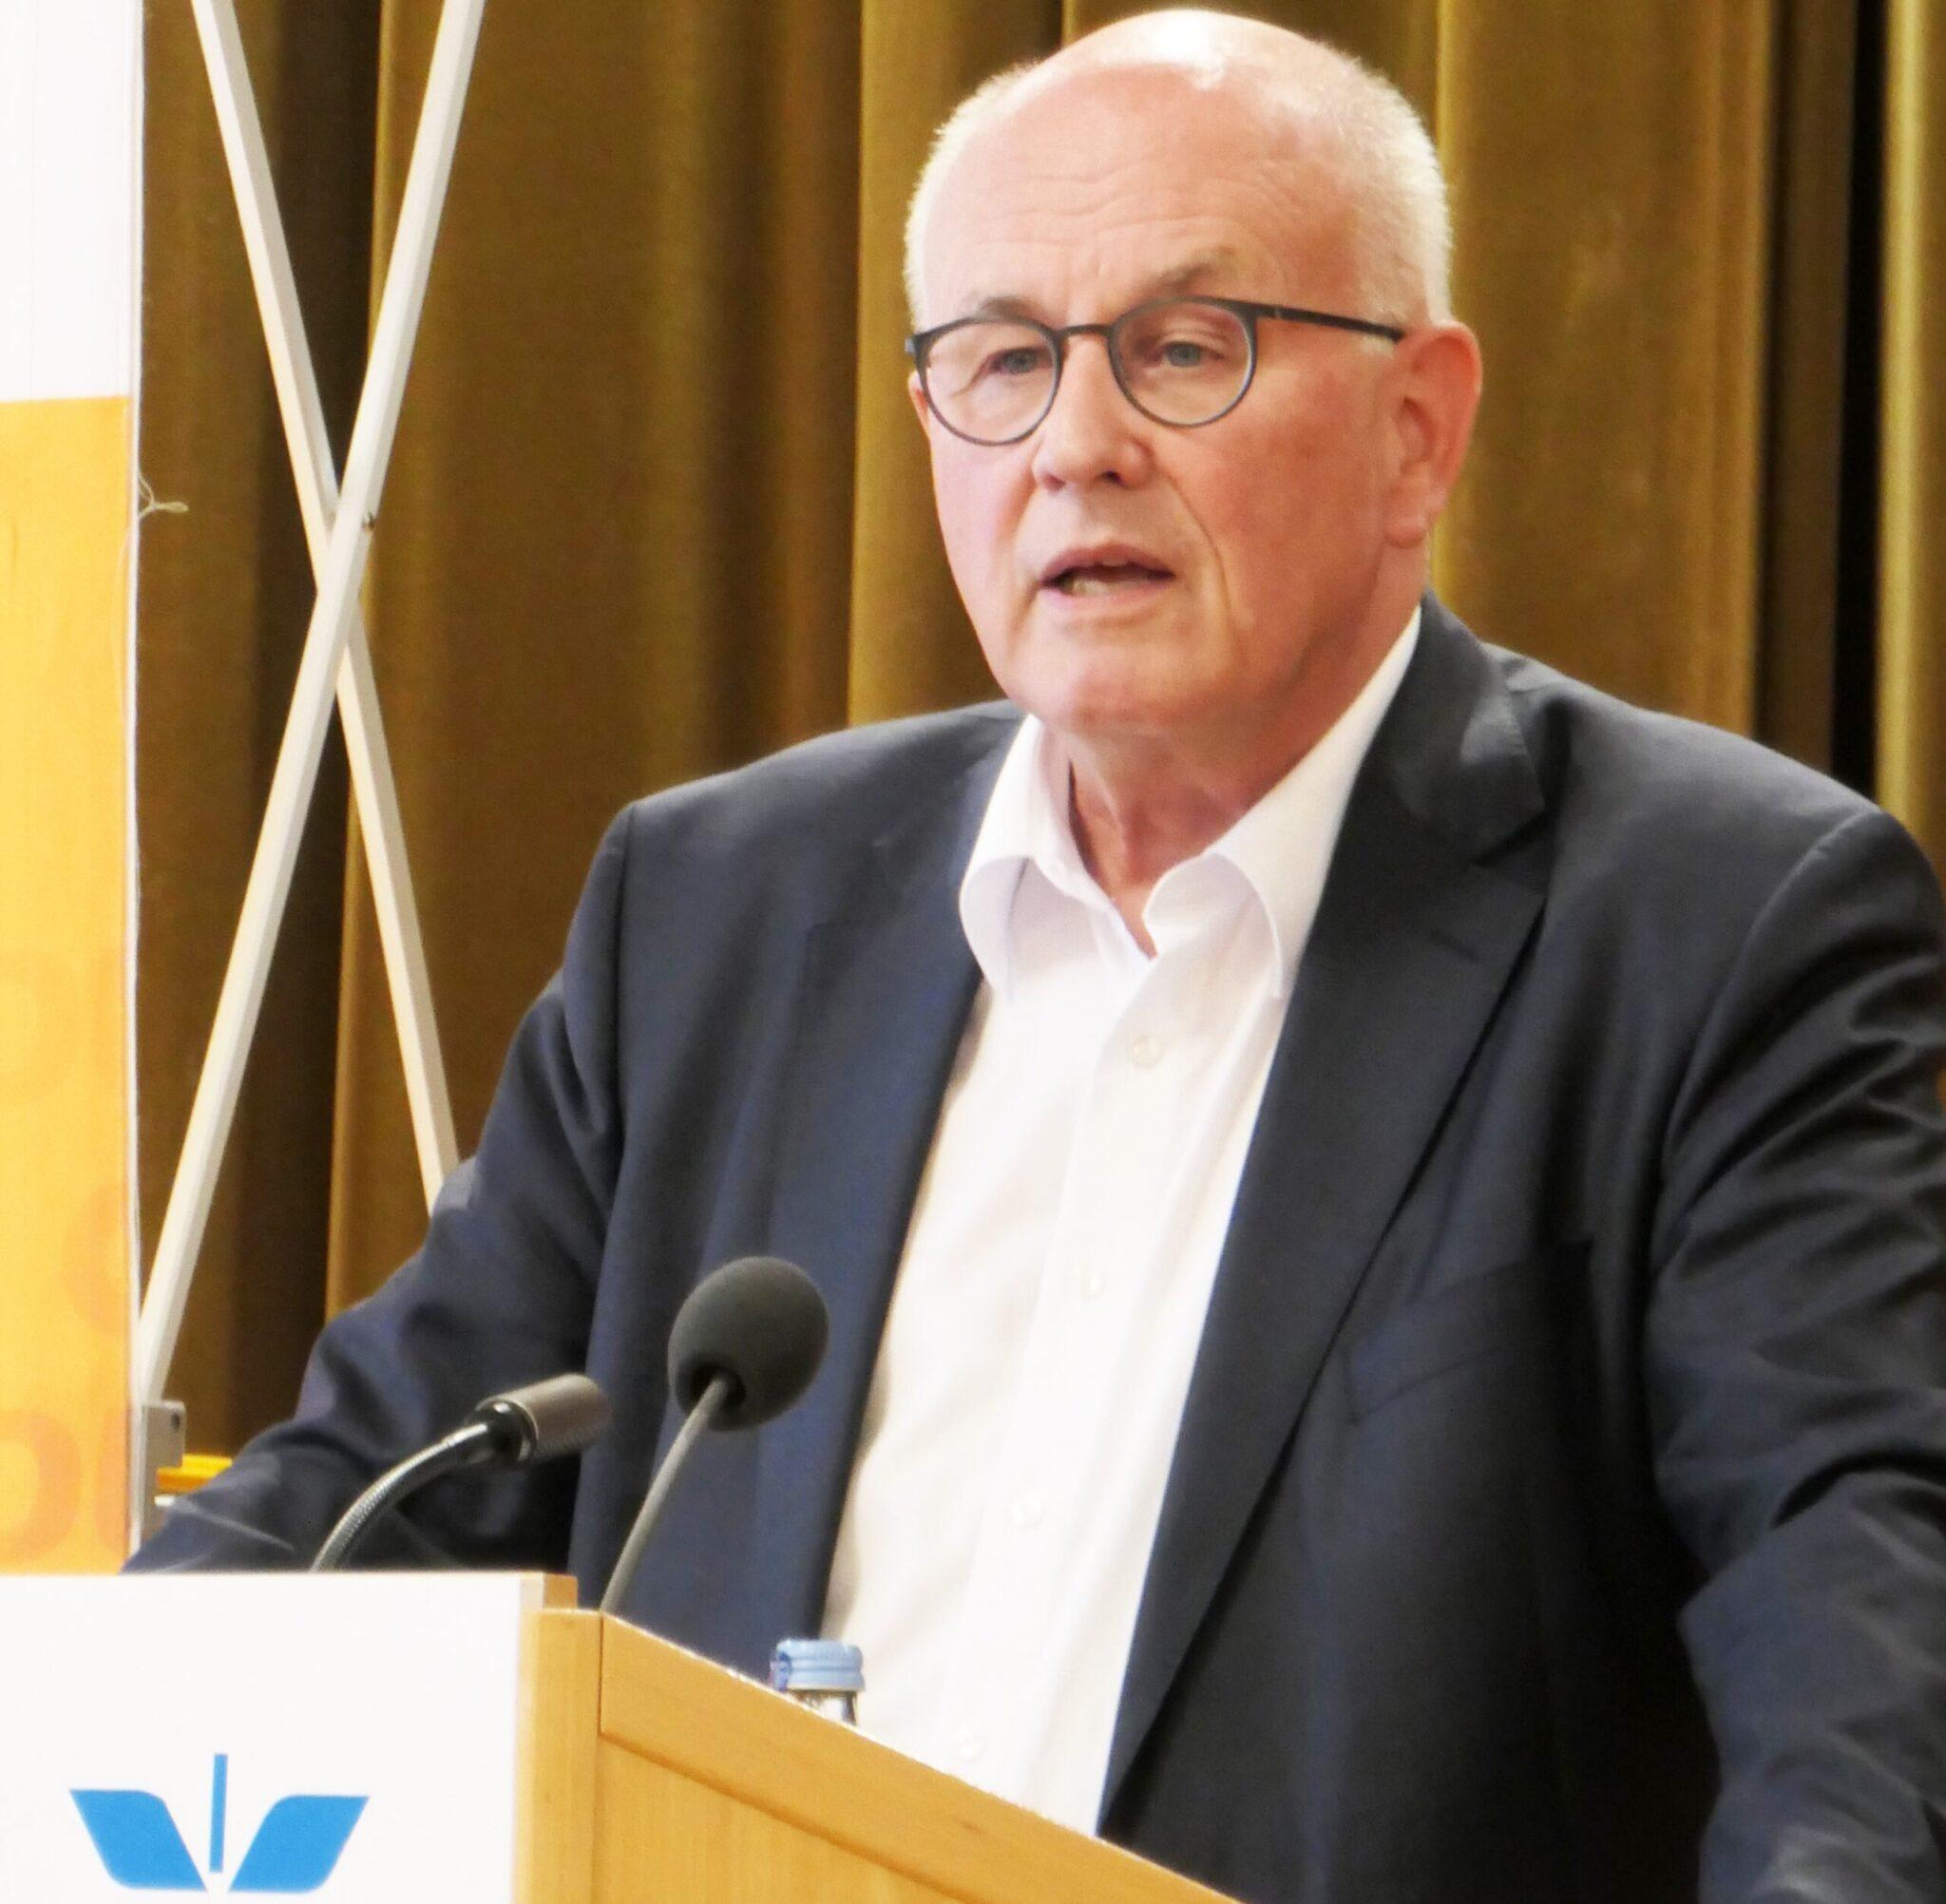 Noch-MdB Volker Kauder bei der CDU. Foto: pm